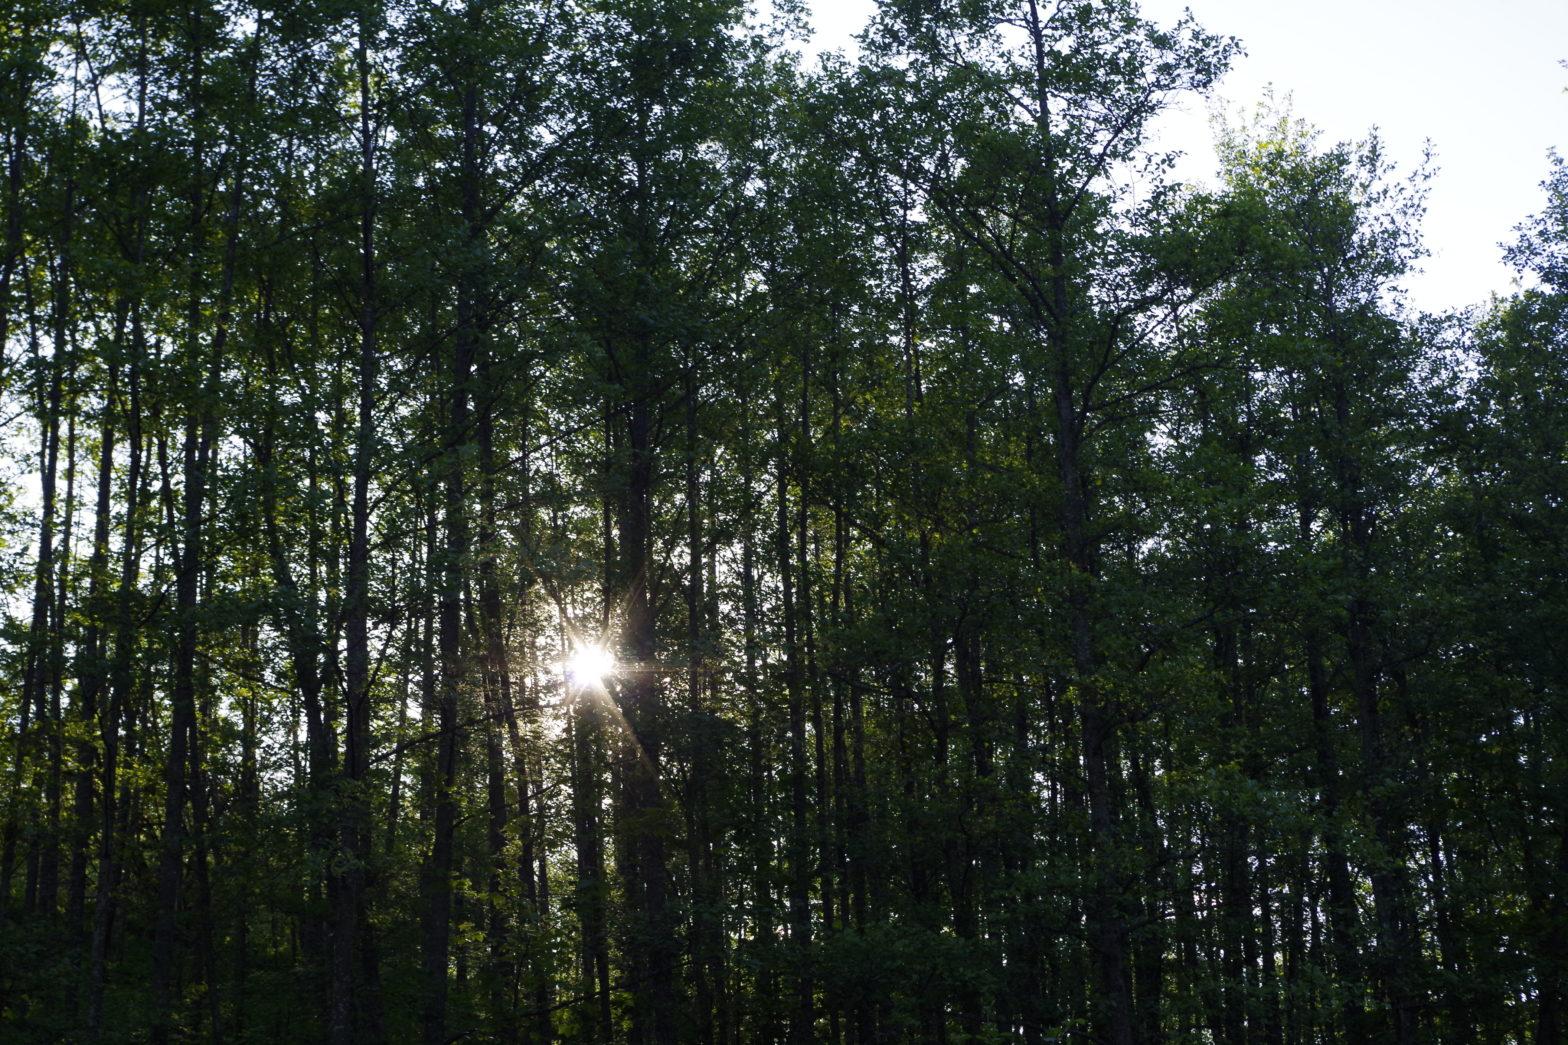 Dicht stehende Bäume, dazwischen blitzt die Sonne durch